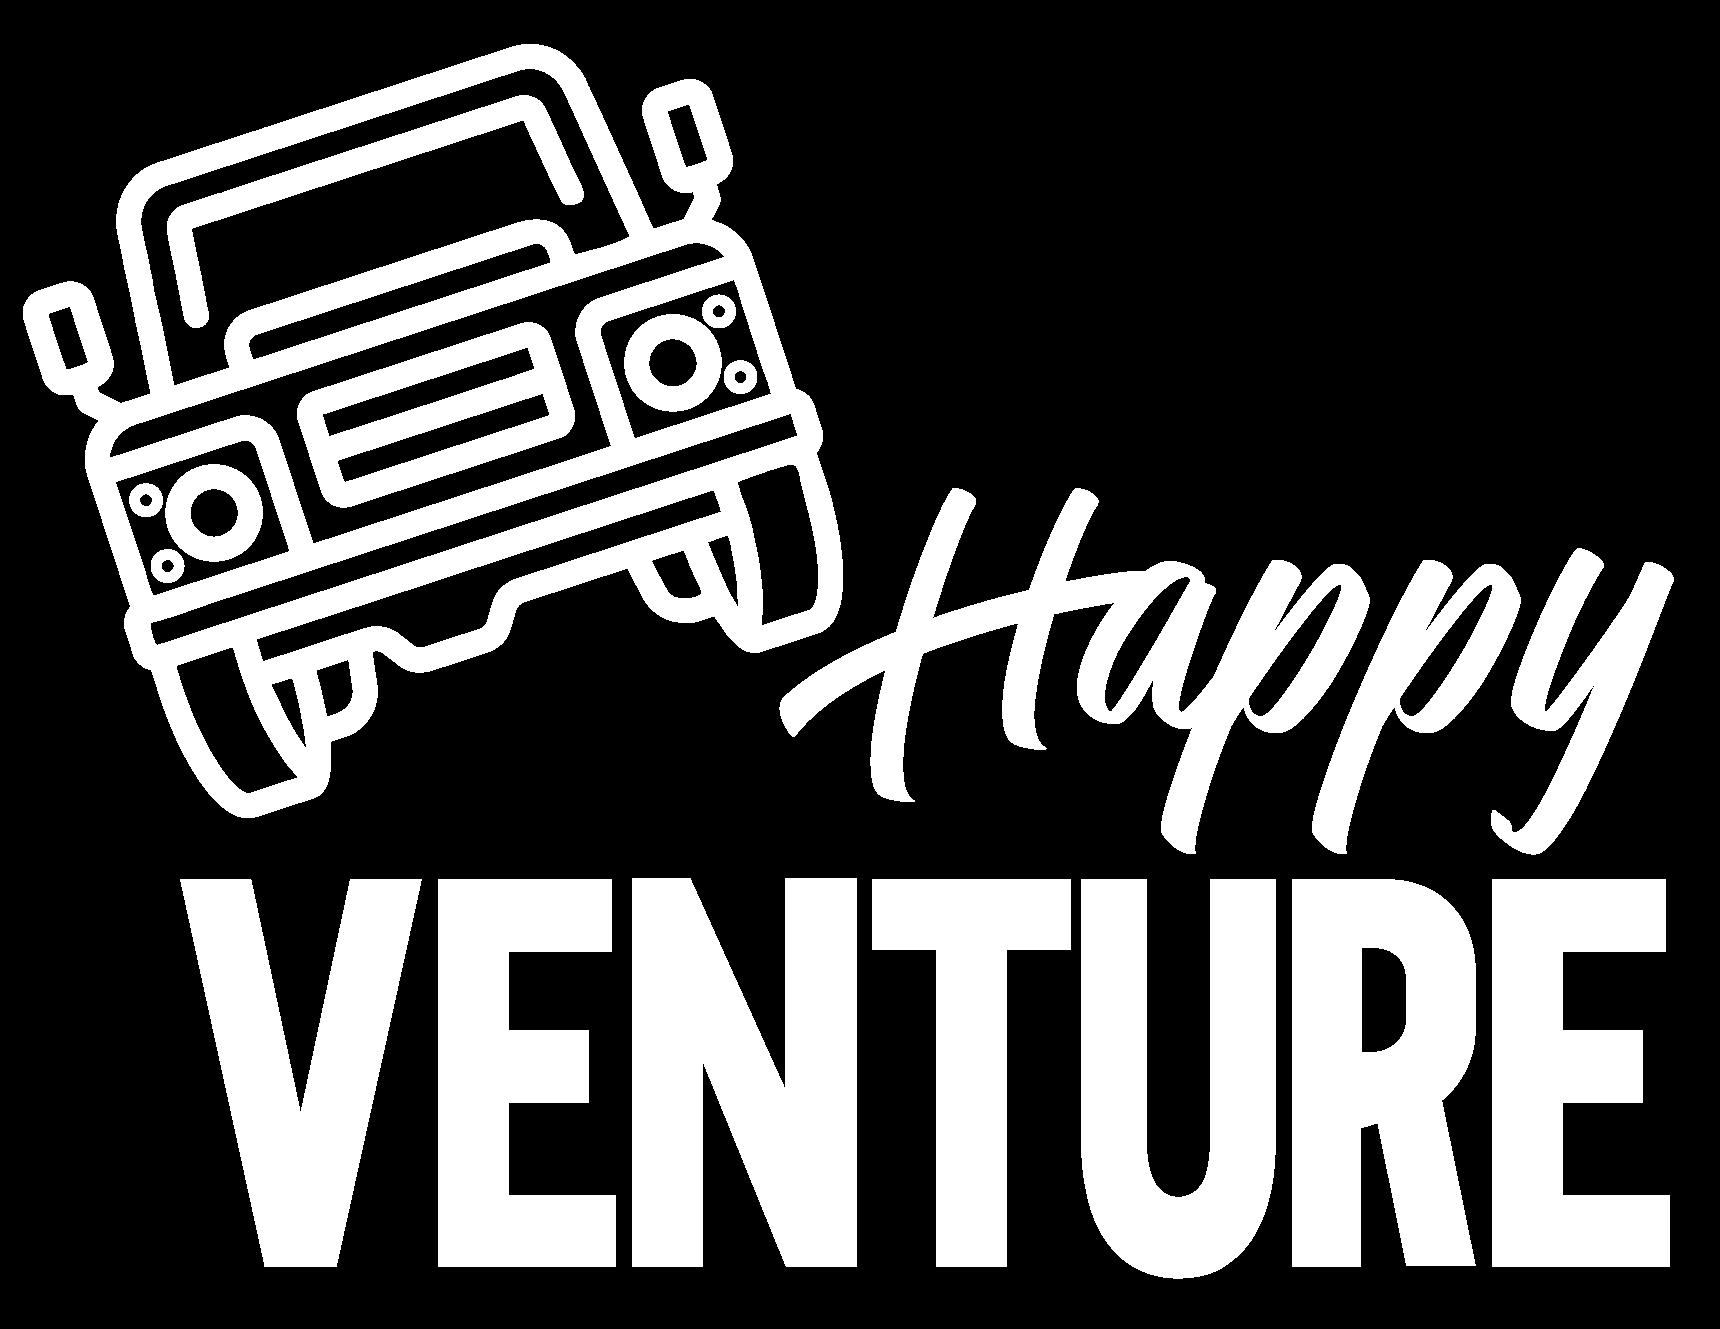 Happy Venture